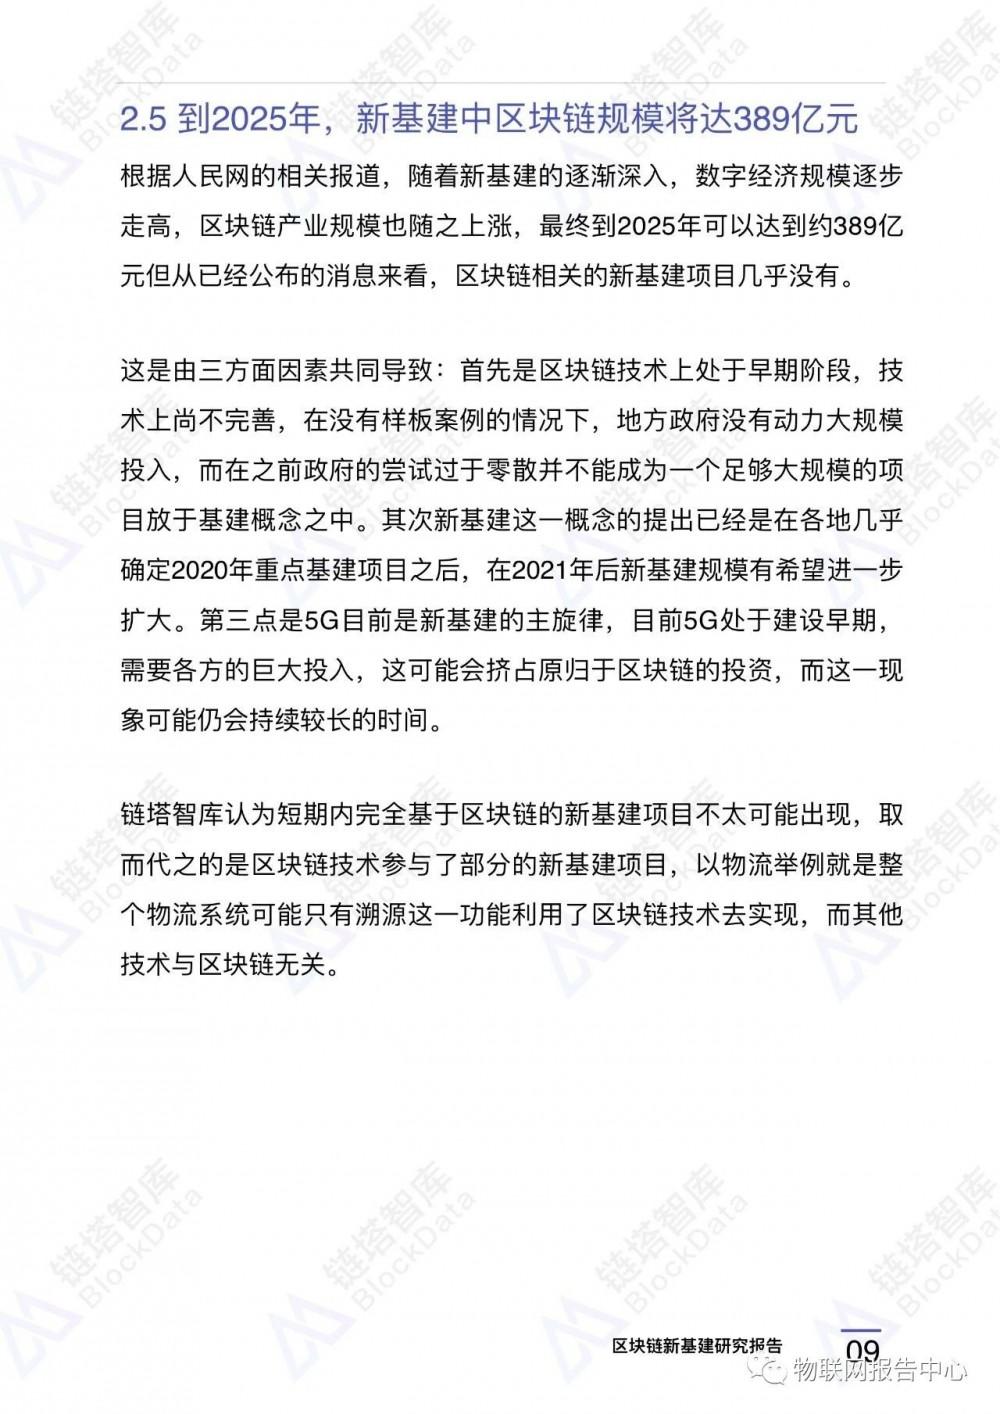 区块链应用之九:中国新基建区块链重点项目配图(12)